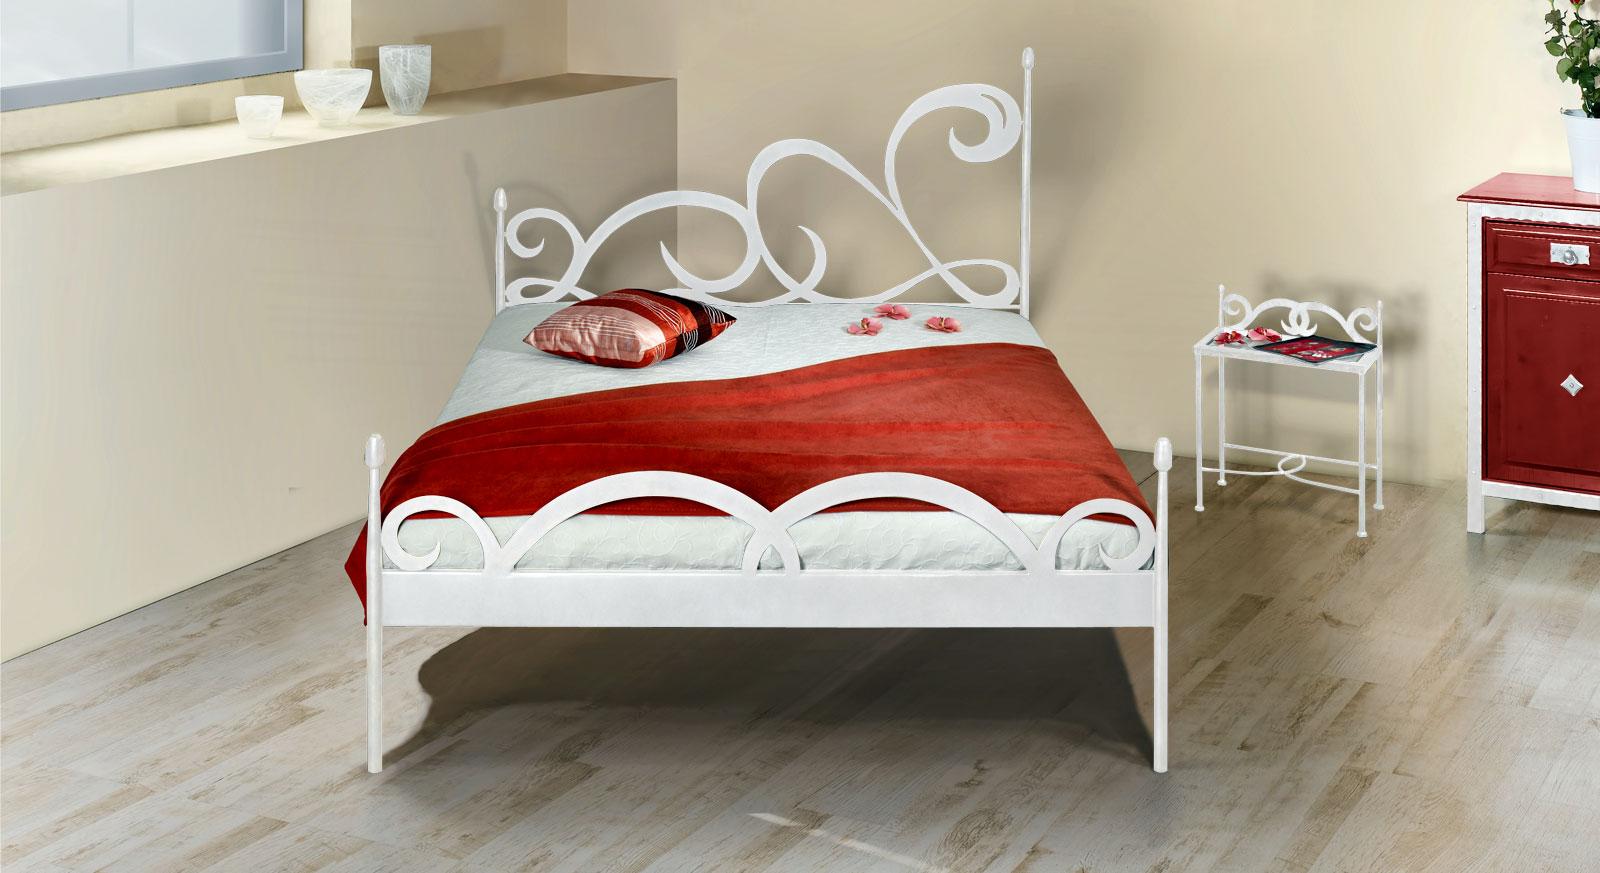 Bett Temco in weißem silber gewischtem Metall